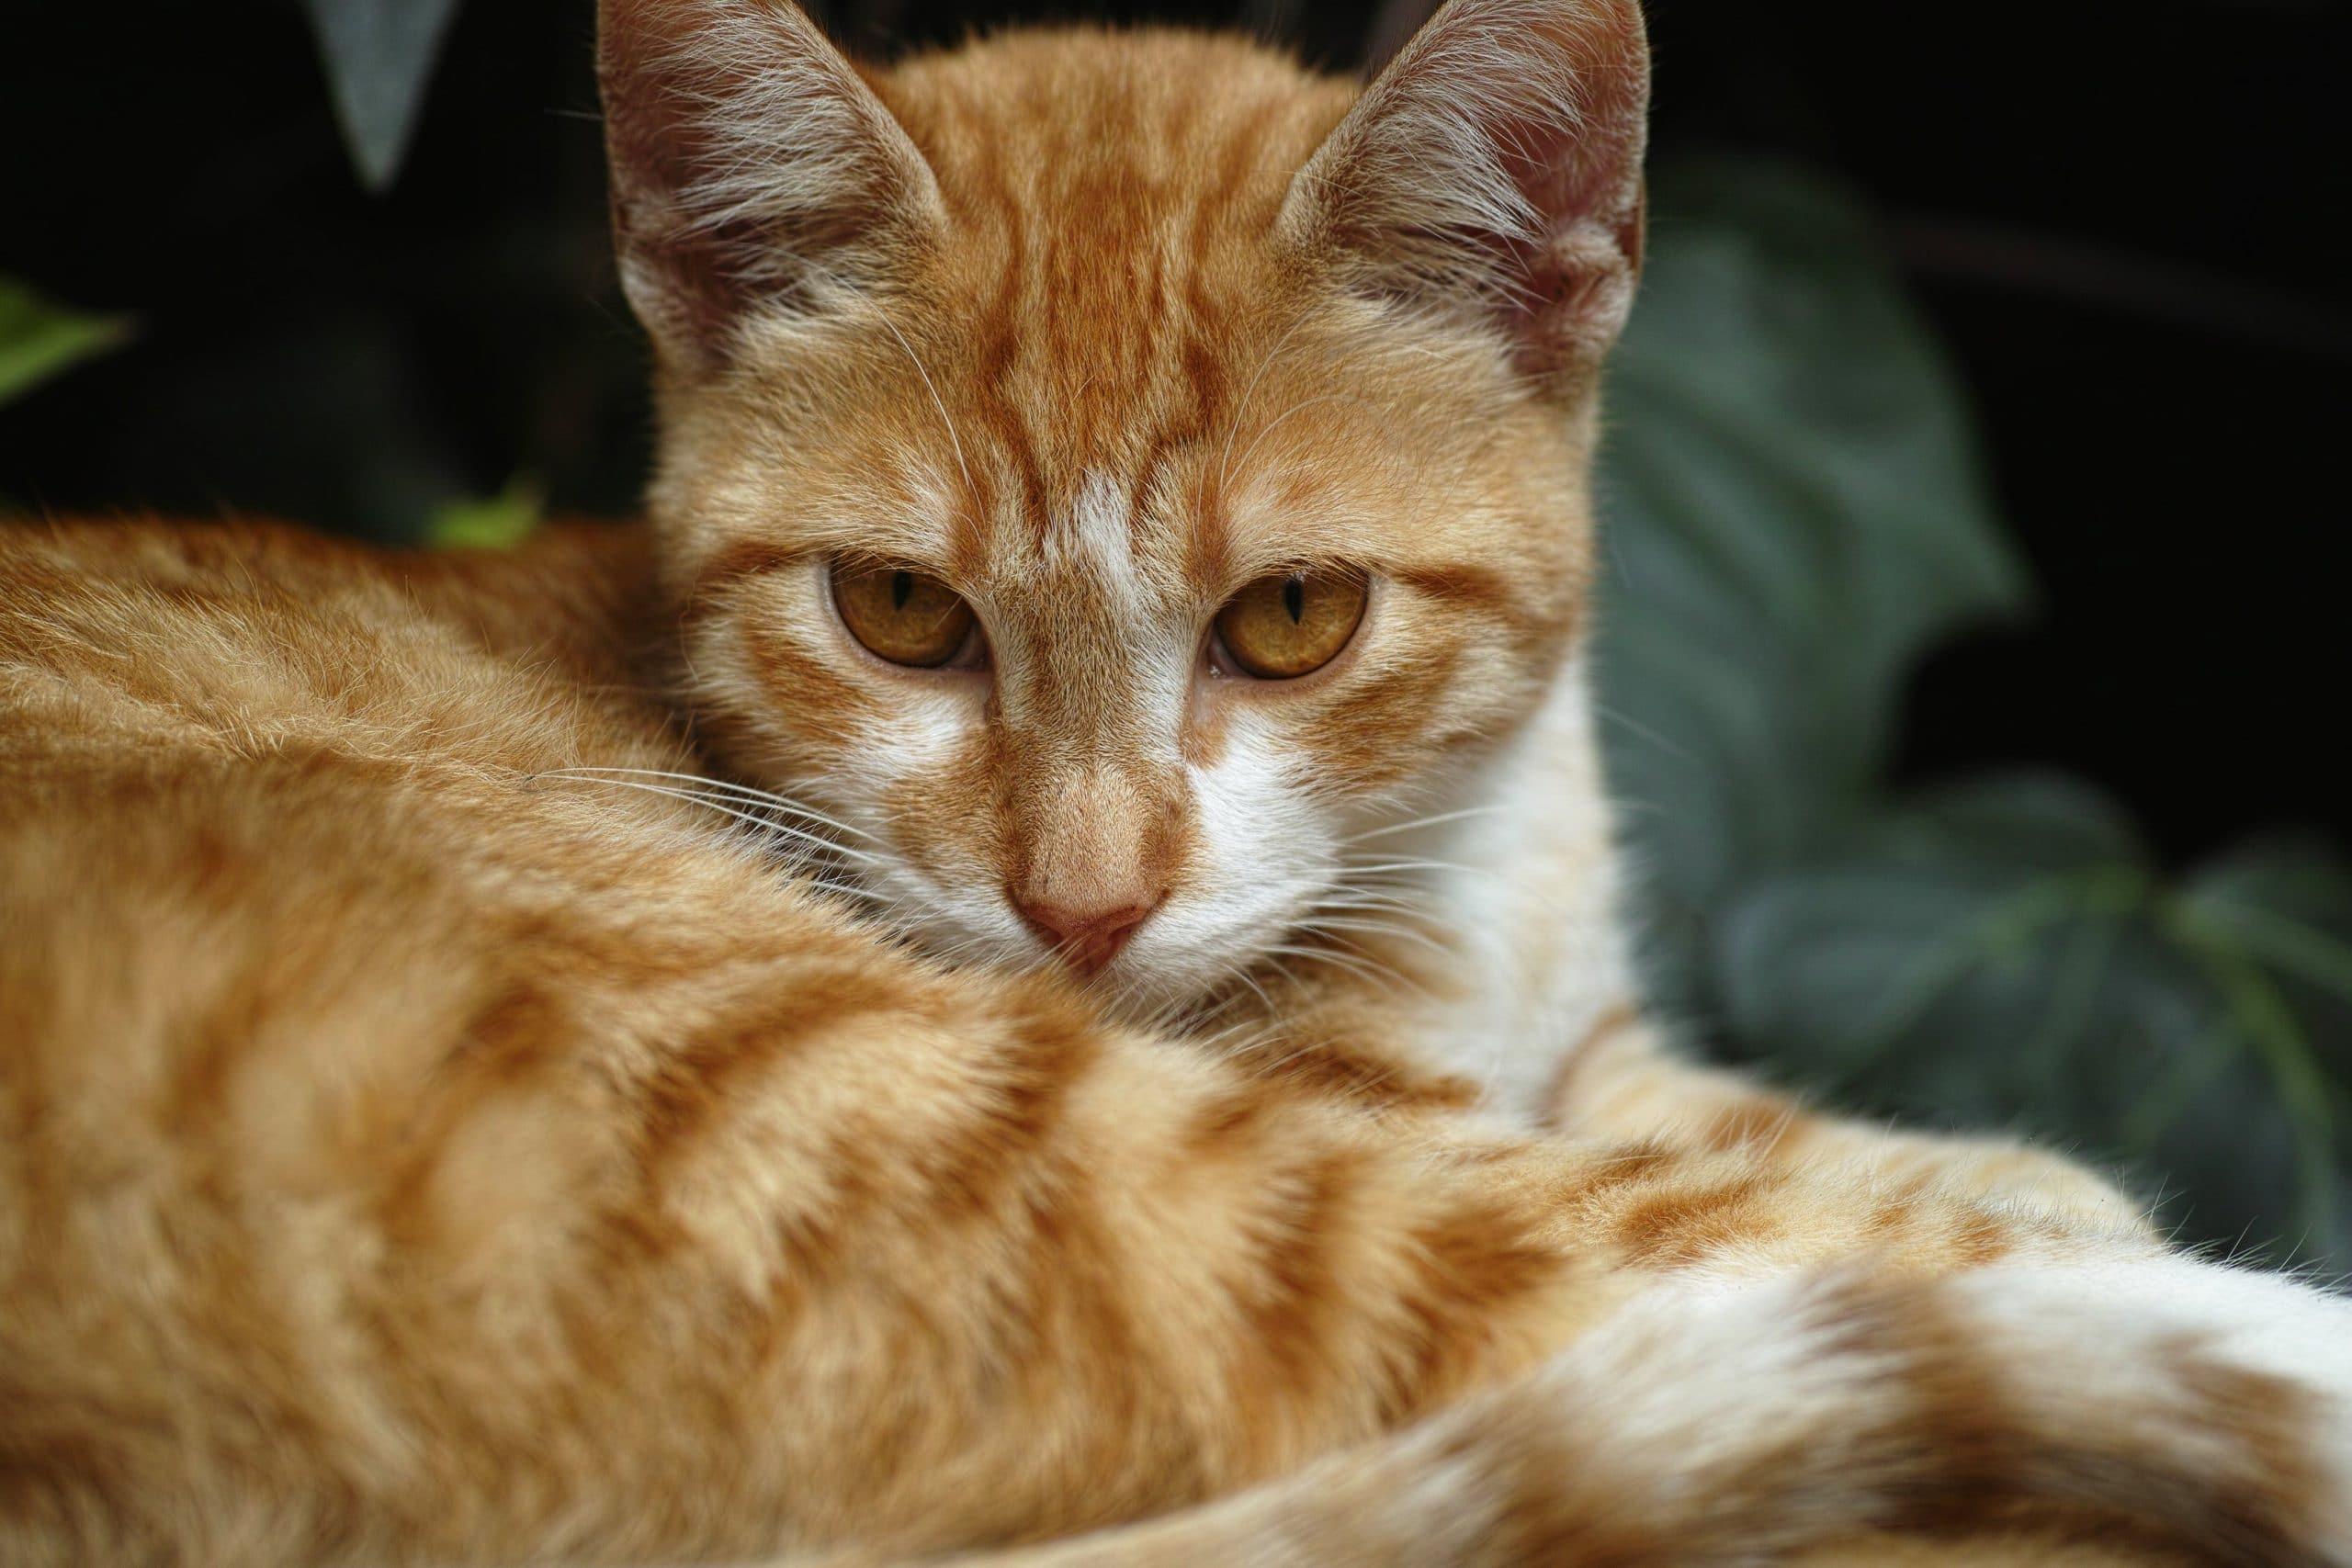 Los gatos atigrados pueden ser naranjas